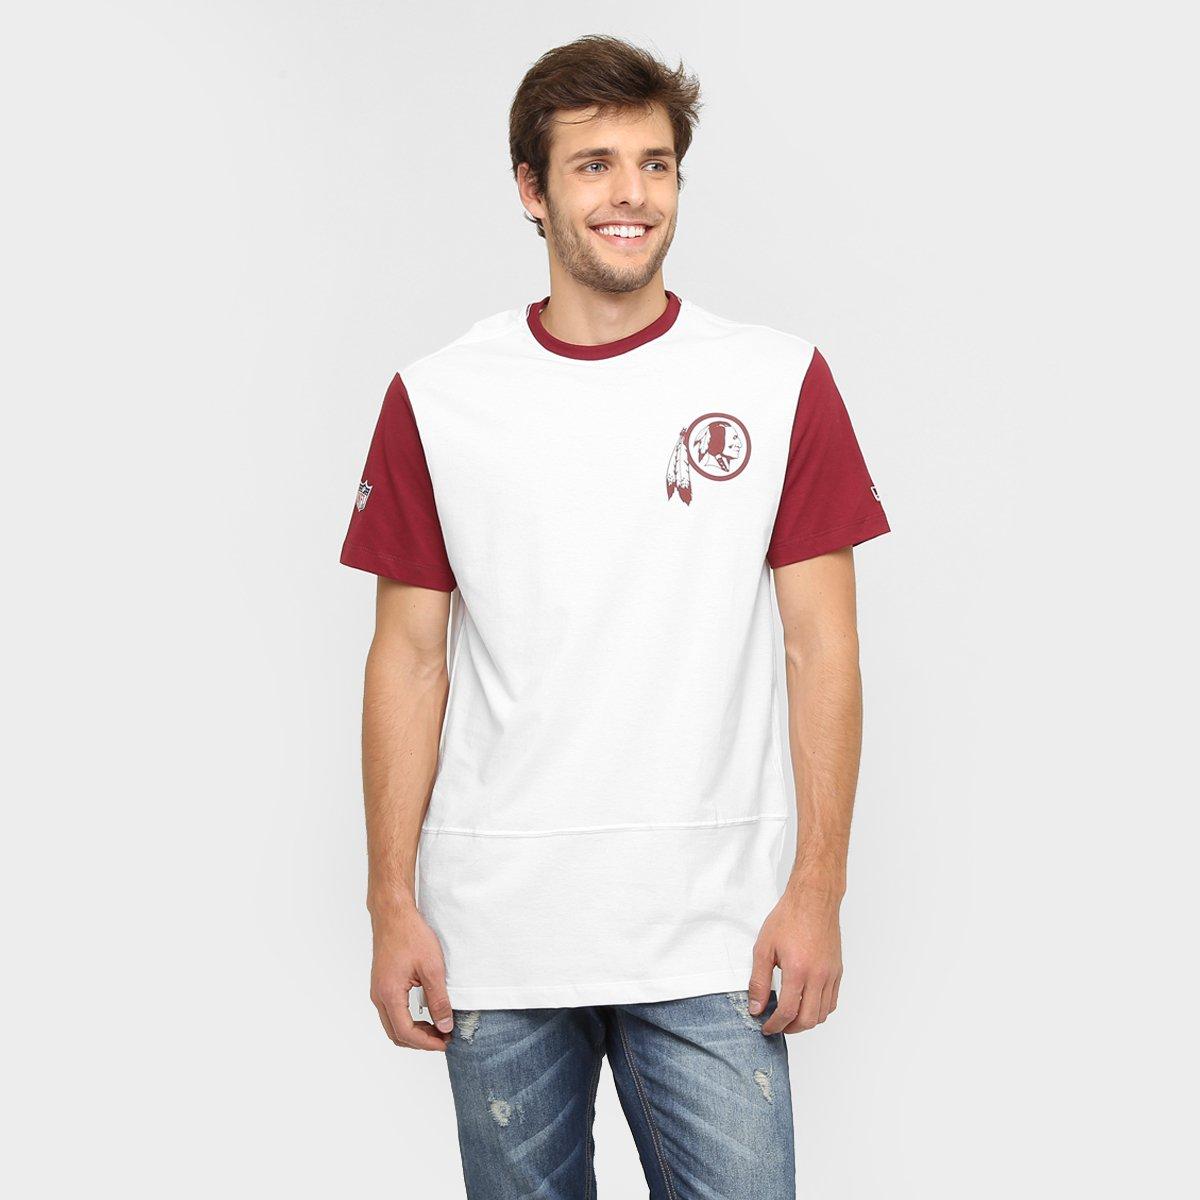 e3a49953b Camiseta New Era NFL Longname Washington Redskins - Compre Agora ...